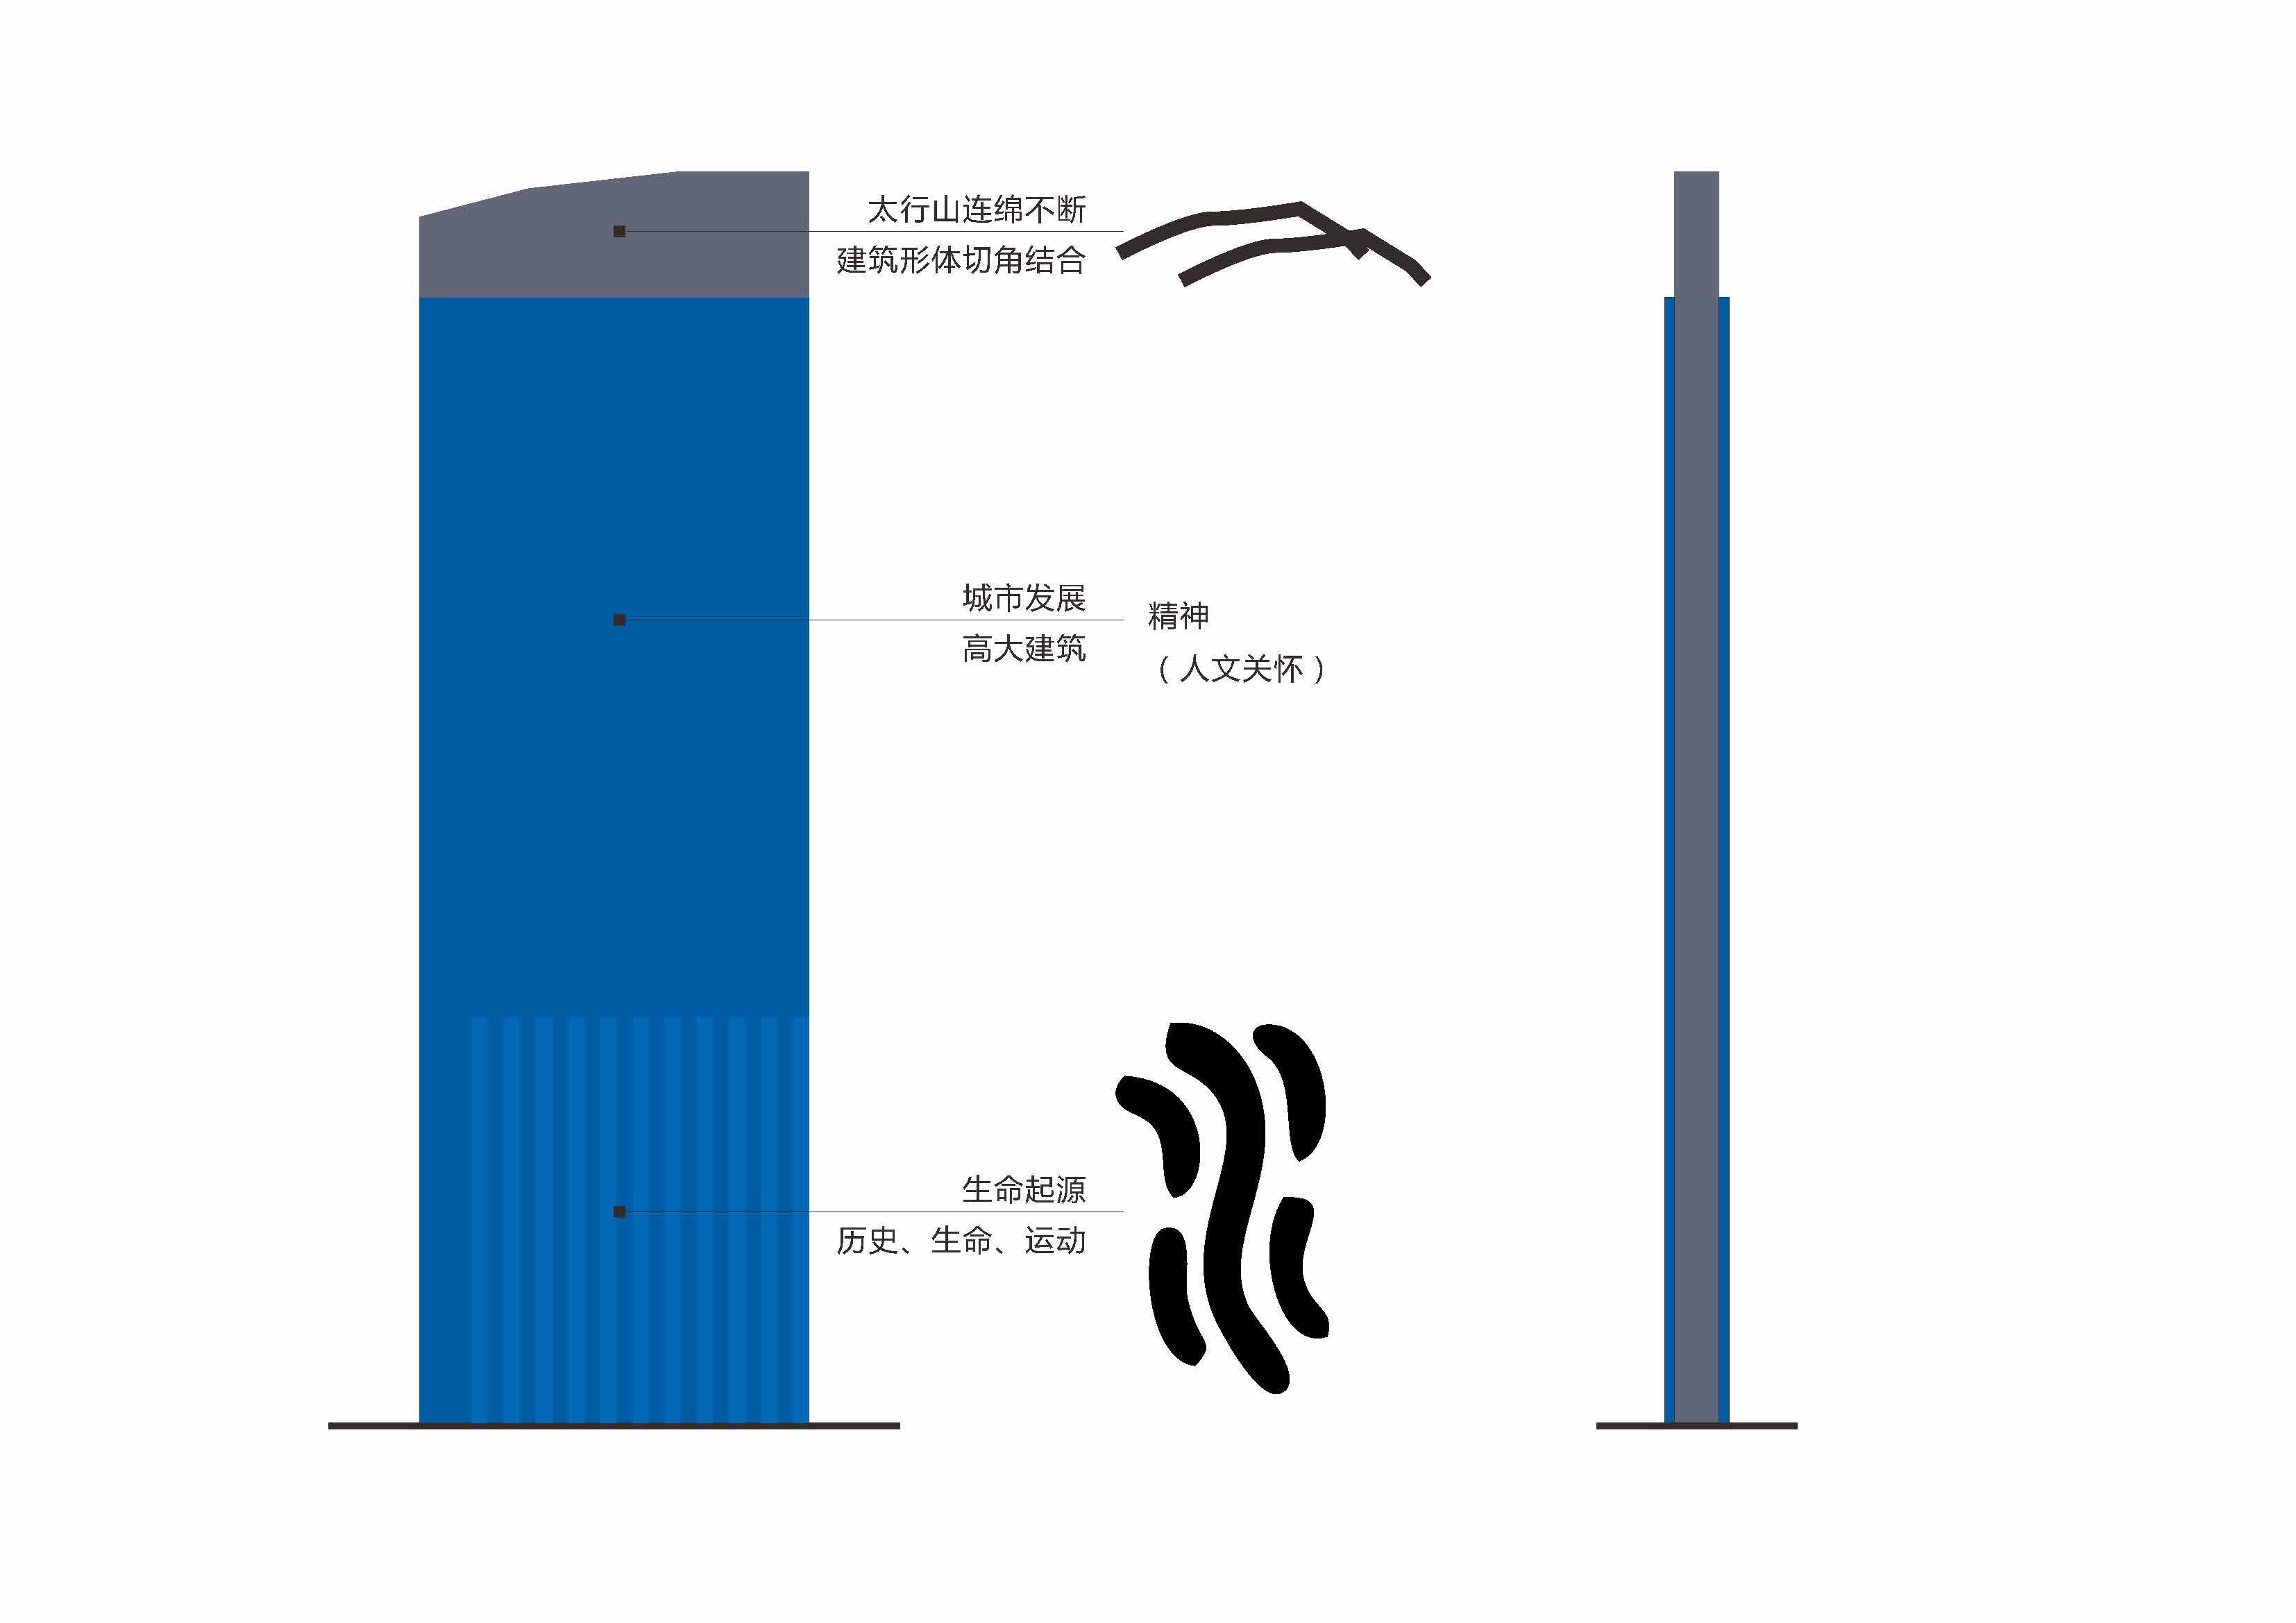 环境规划-导向标识篇 空间 导视设计 haohaizimaidou图片